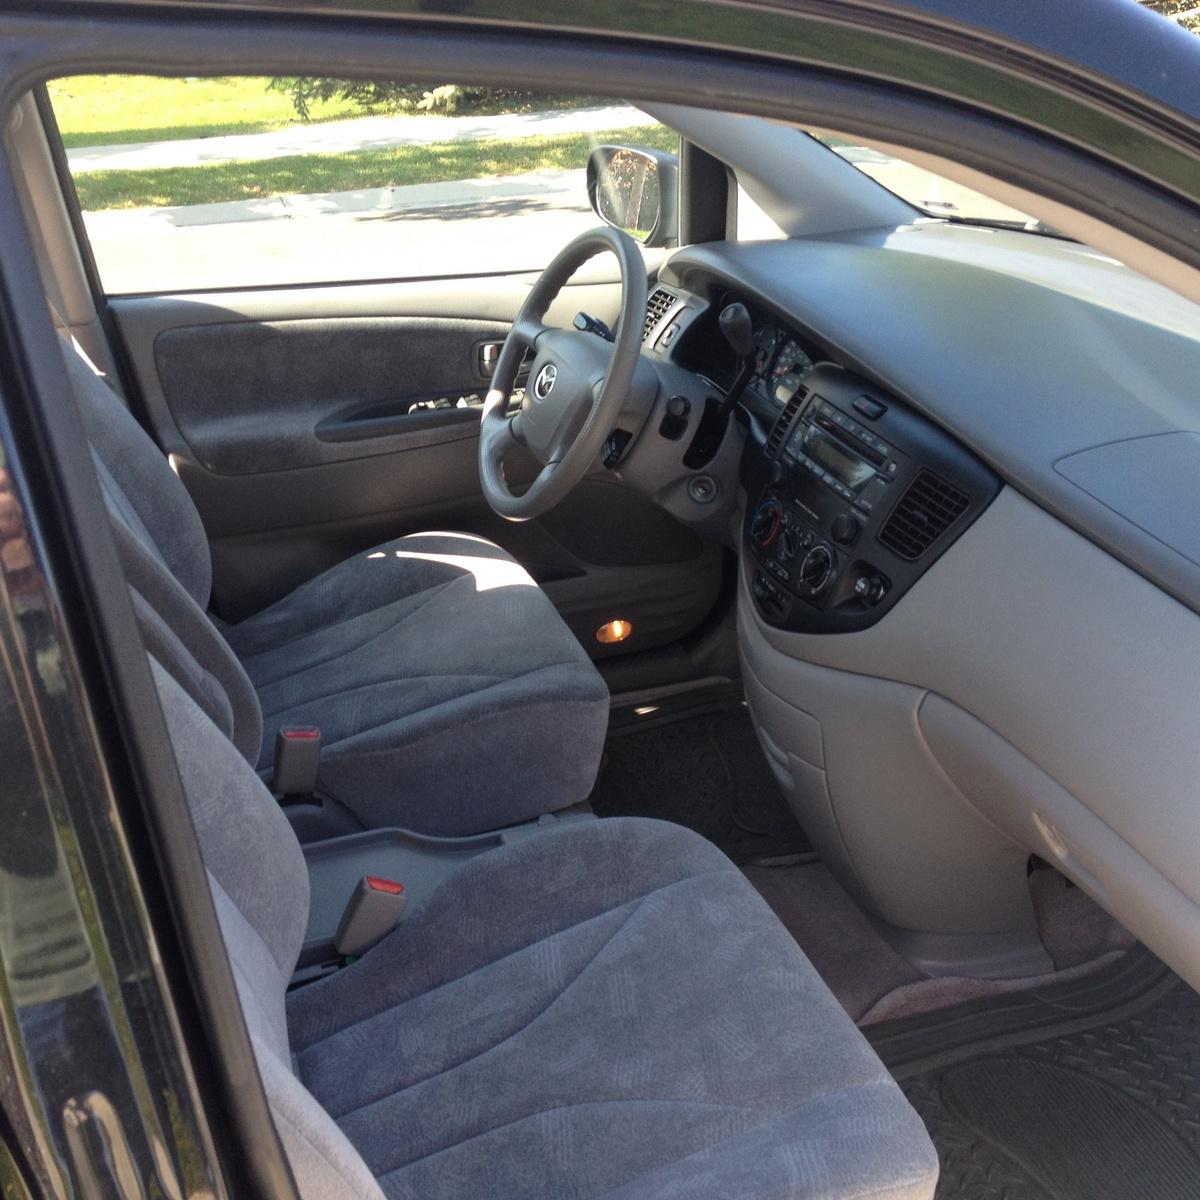 1997 Mazda Mpv Exterior: Interior Pictures